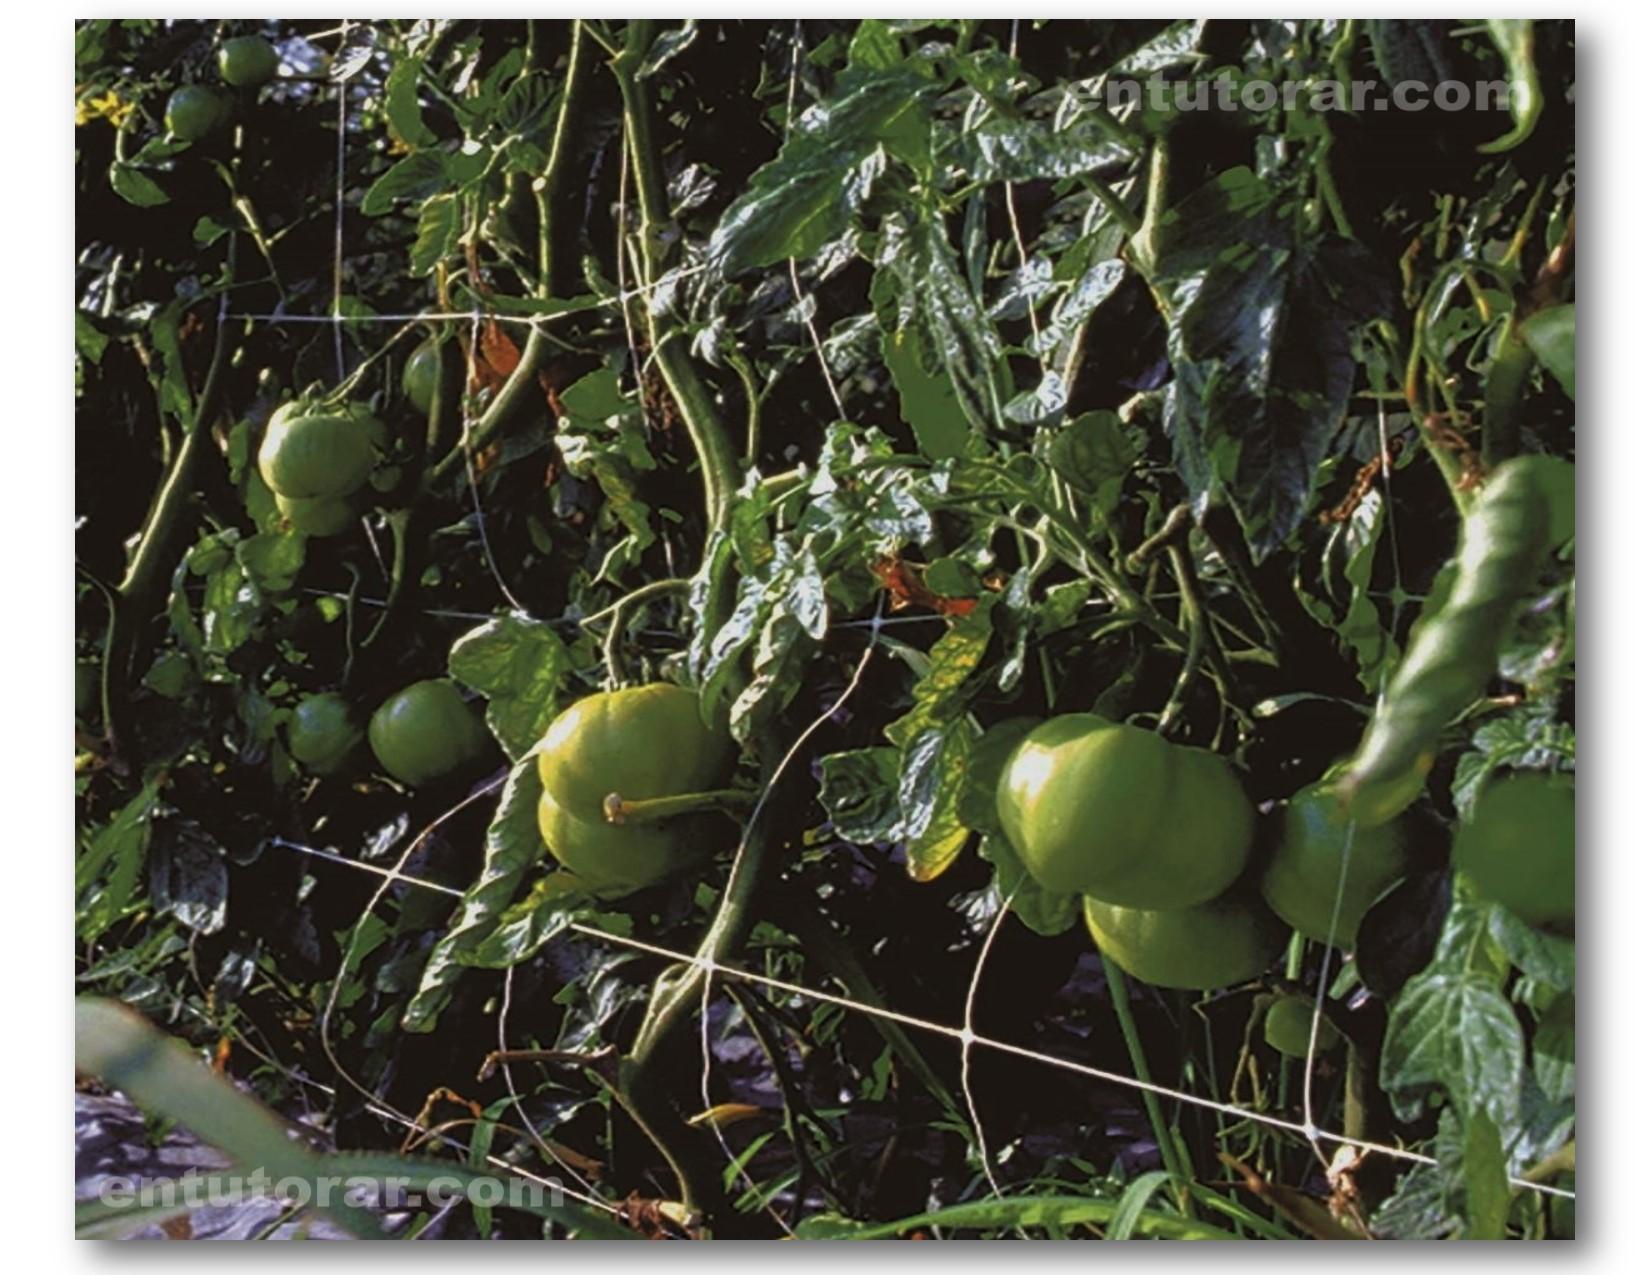 Tutorado en campo abierto con cultivo de tomate.